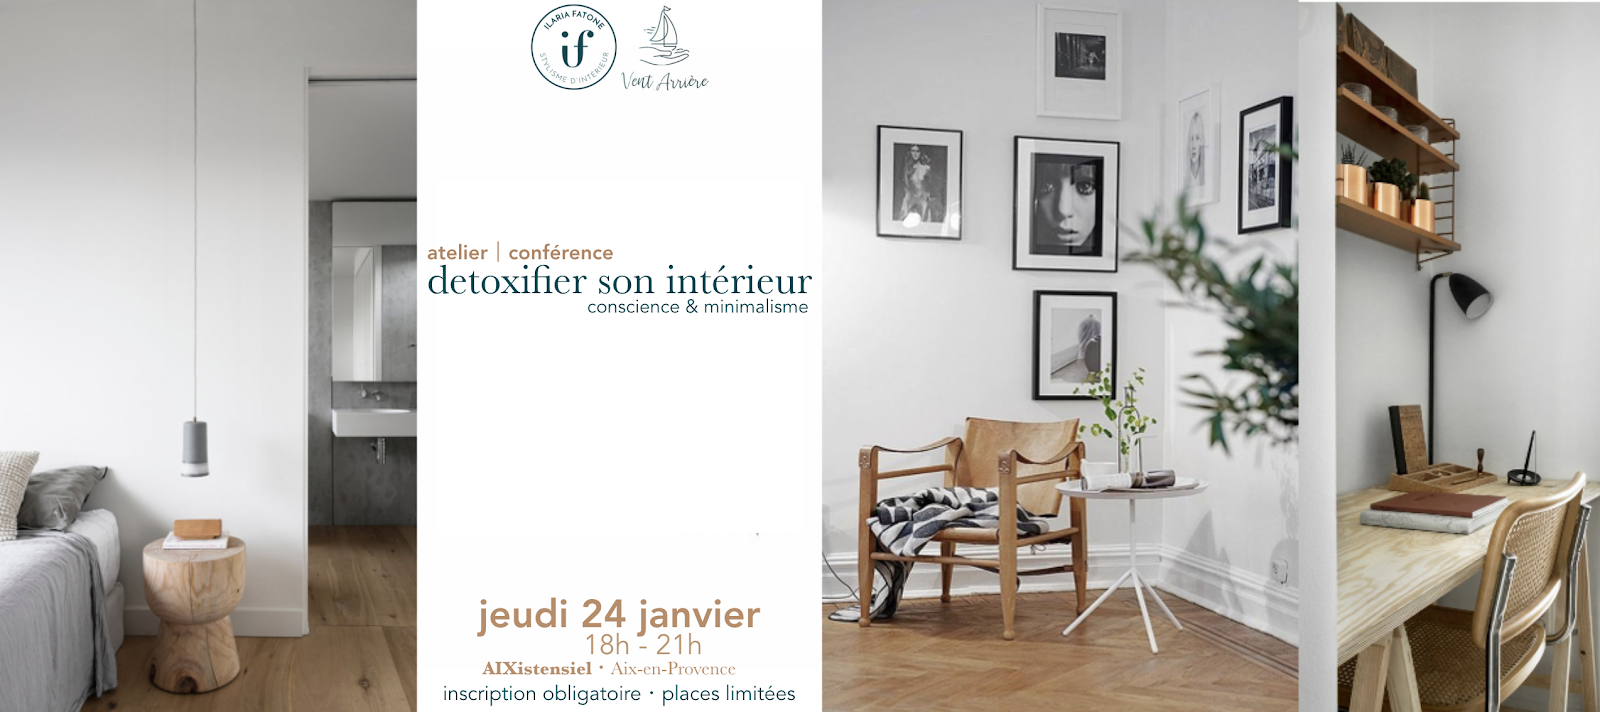 ilaria fatone - detoxier interieur - atelier conference - aix en provence